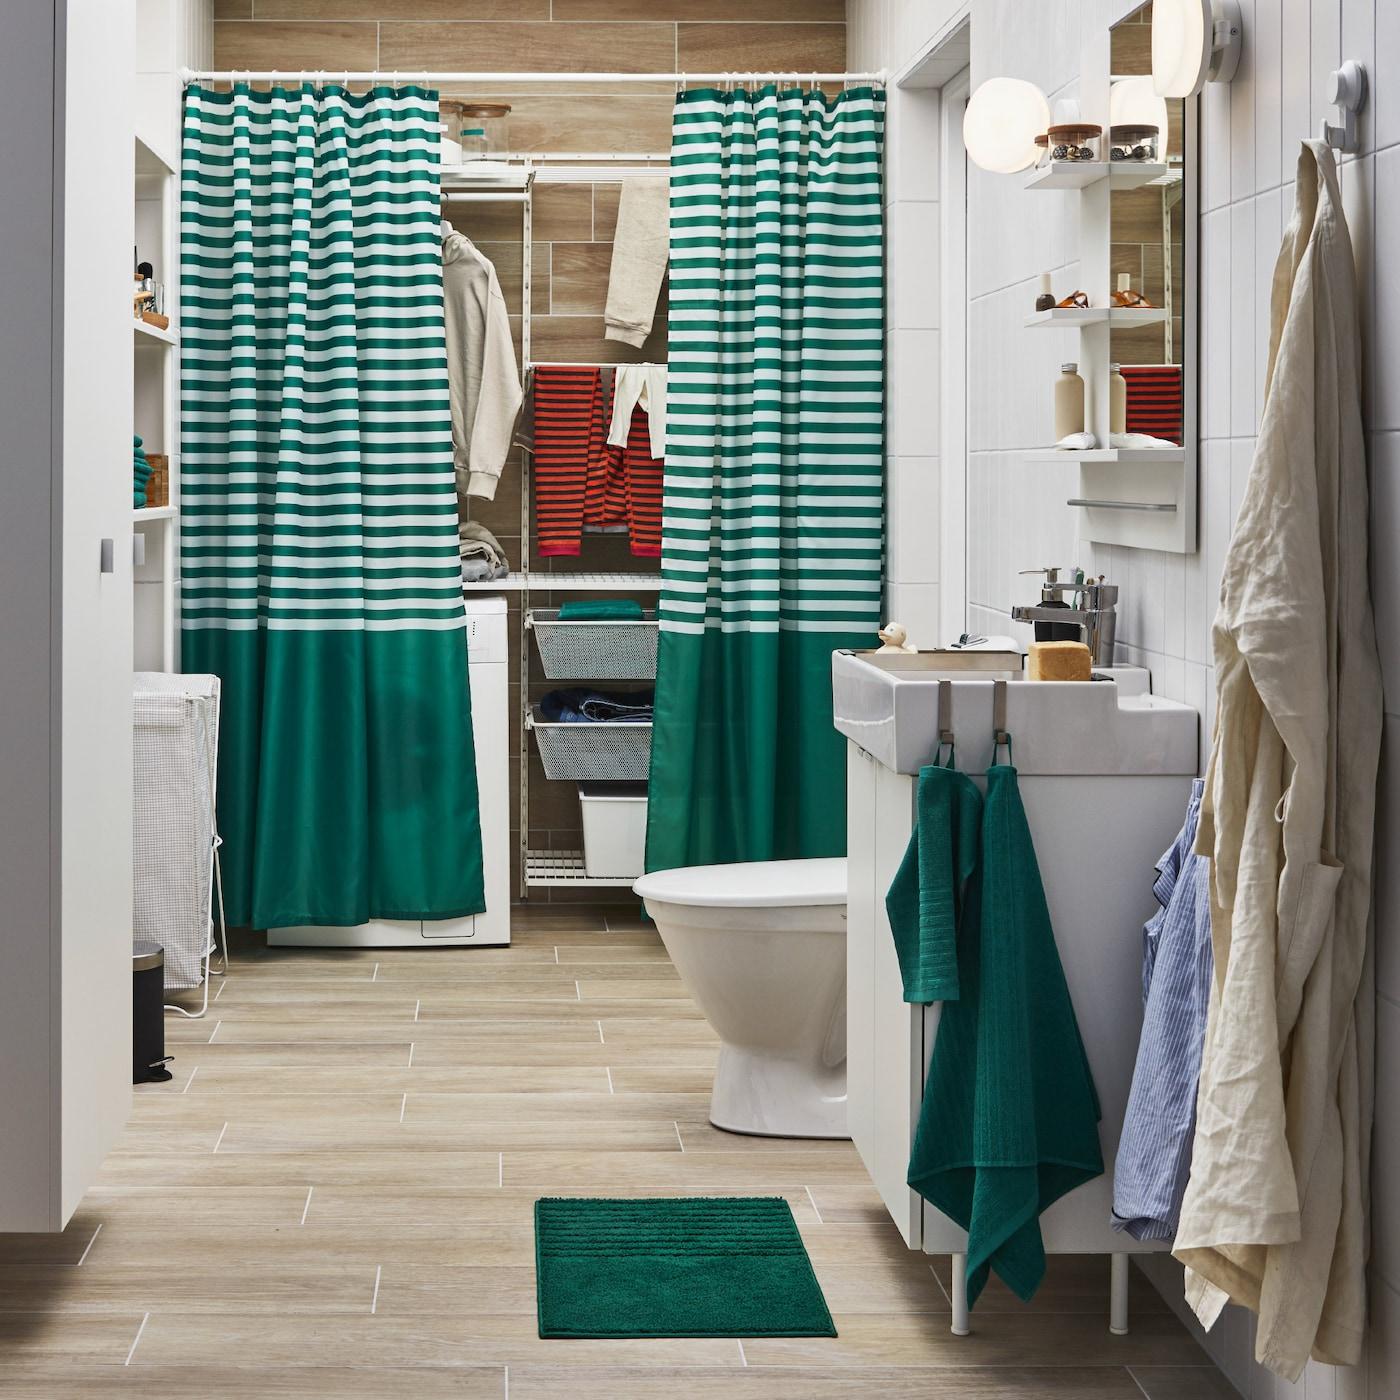 Une salle de bains avec une buanderie à moitié cachée derrière des rideaux de douche à rayures, un lavabo blanc et des serviettes vertes.